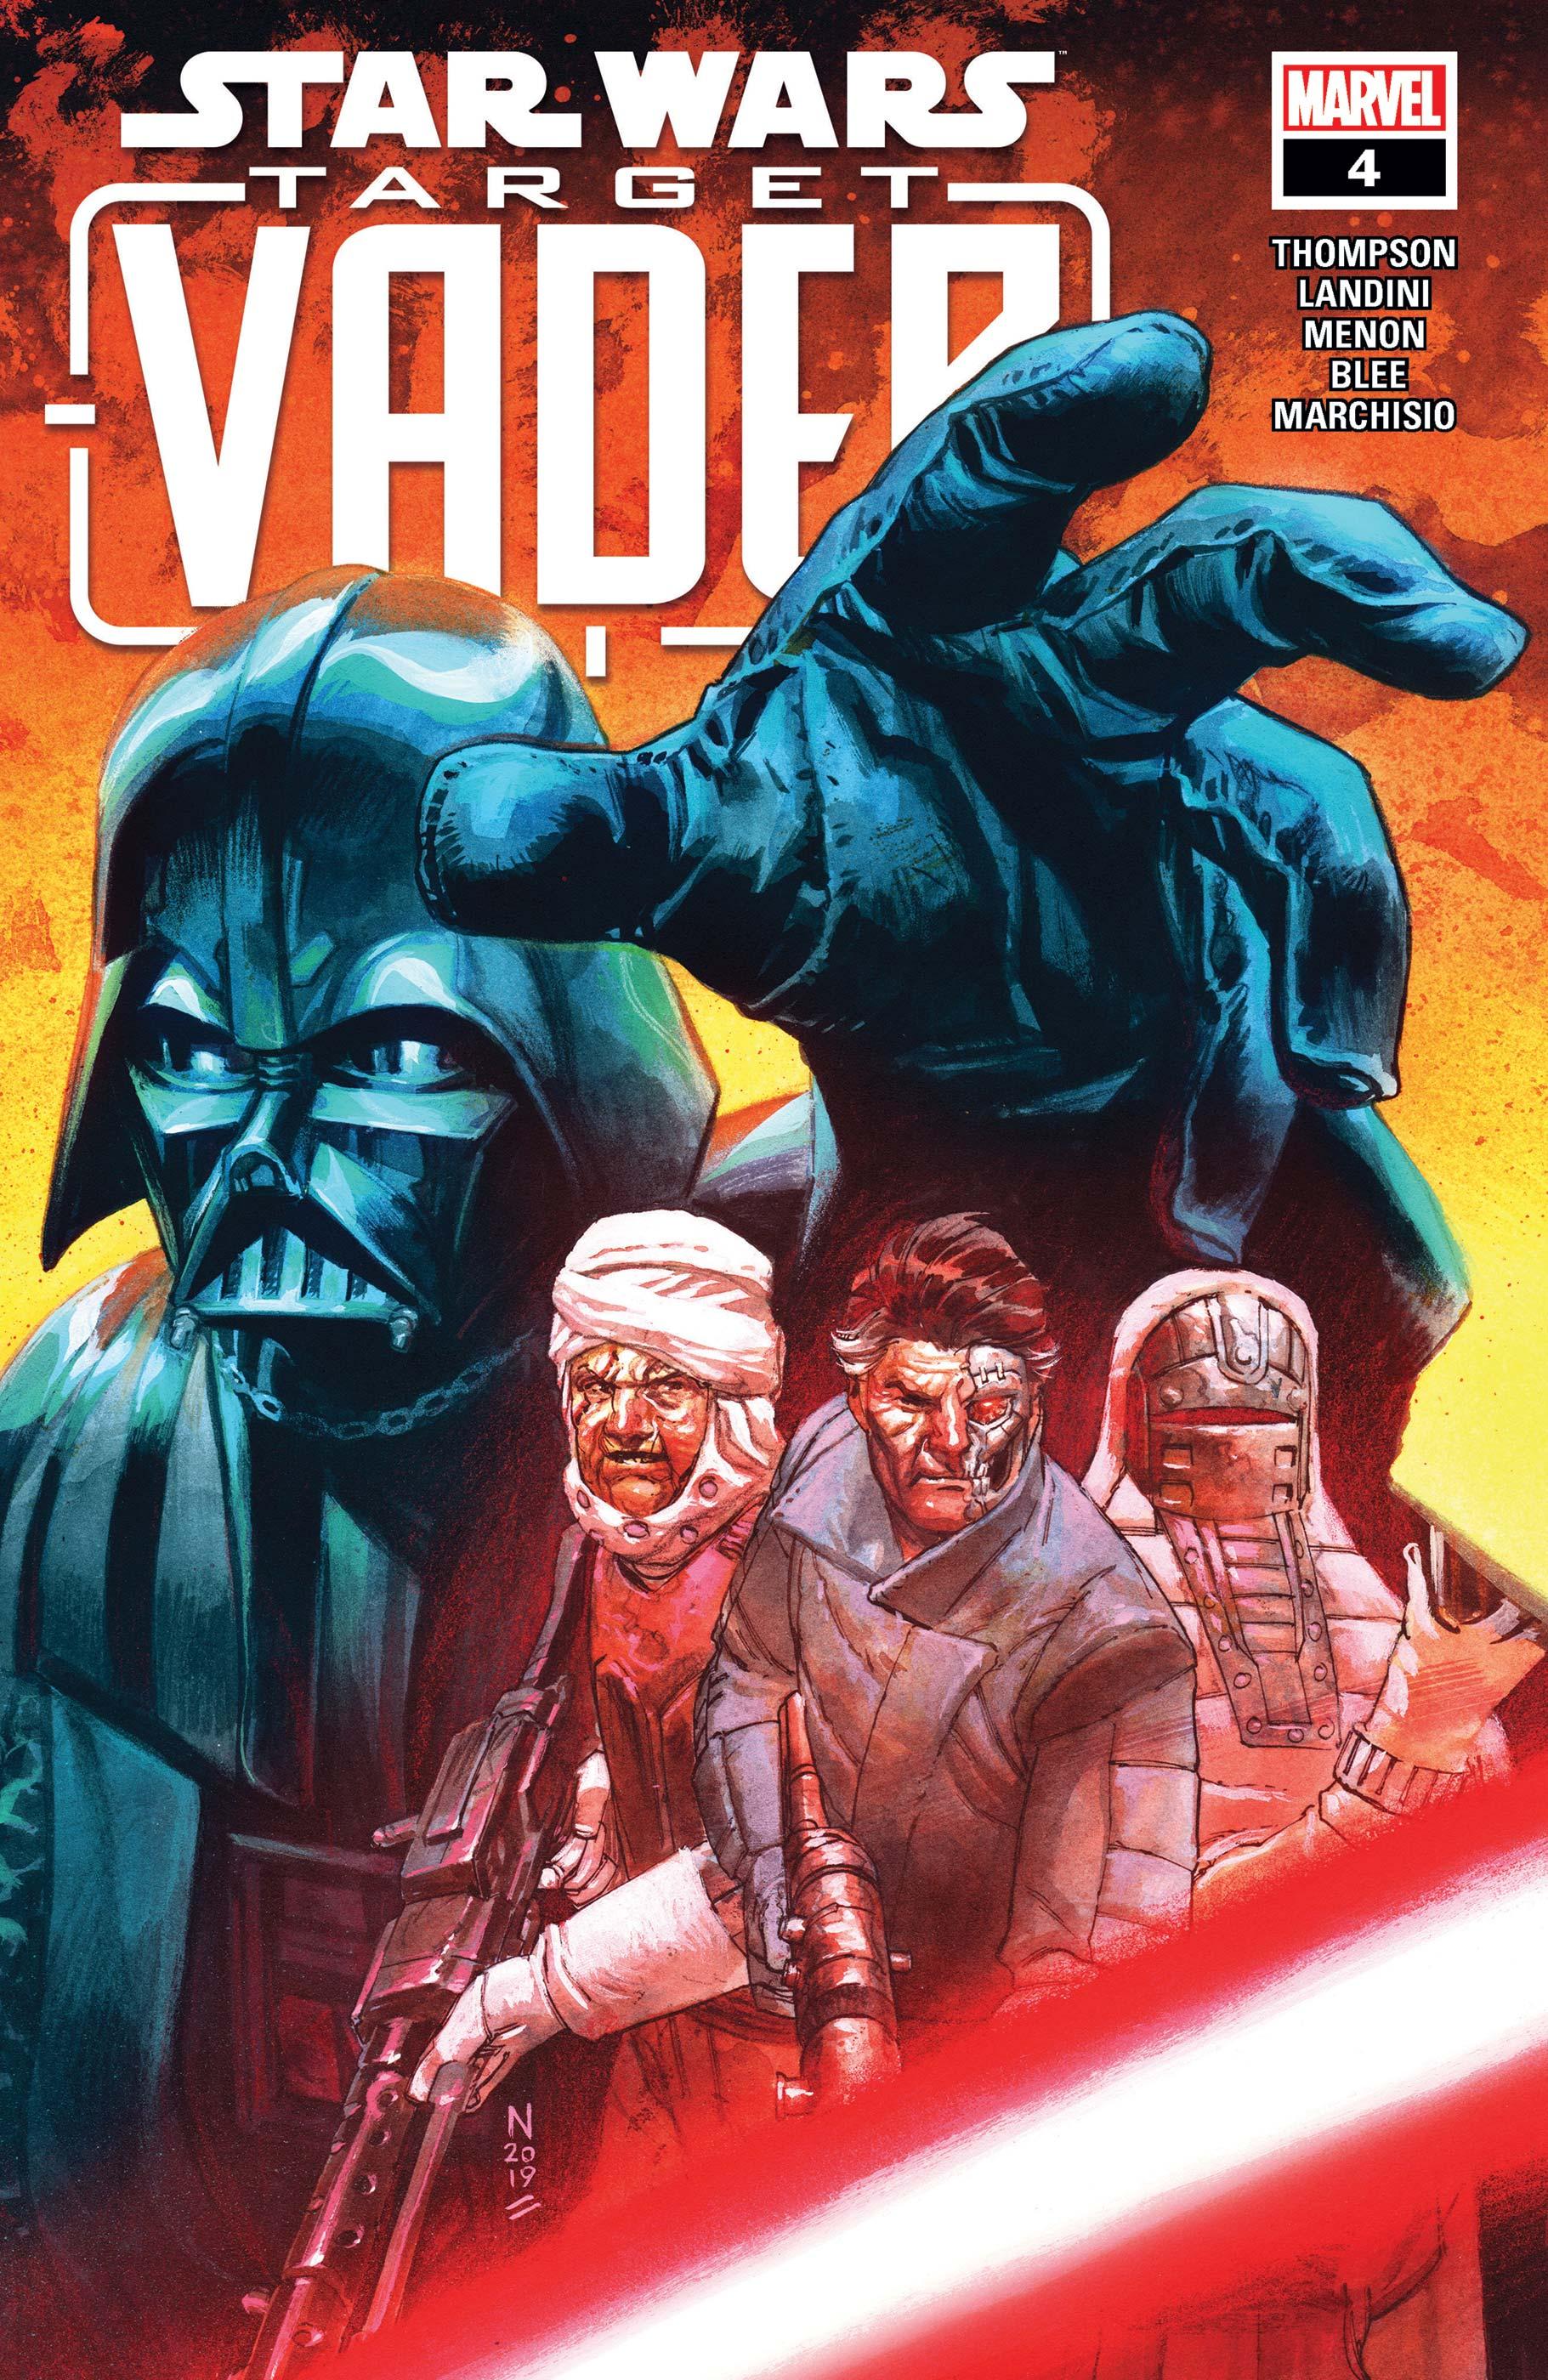 Star Wars: Target Vader Vol 1 4